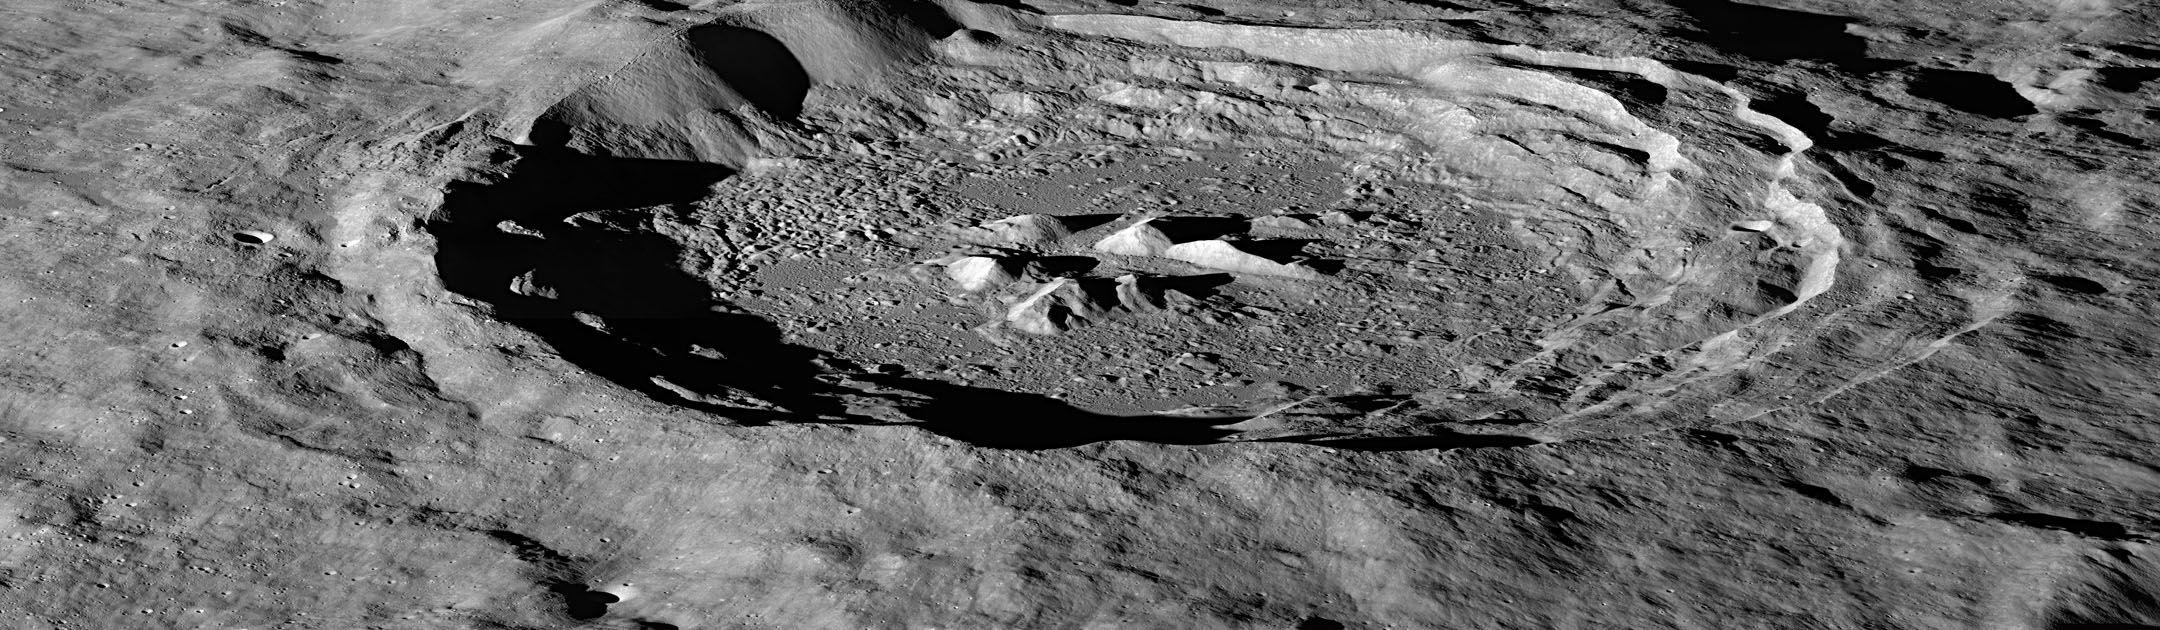 Зонд LRO открыл избыточные количества водорода на южных склонах лунных кратеров